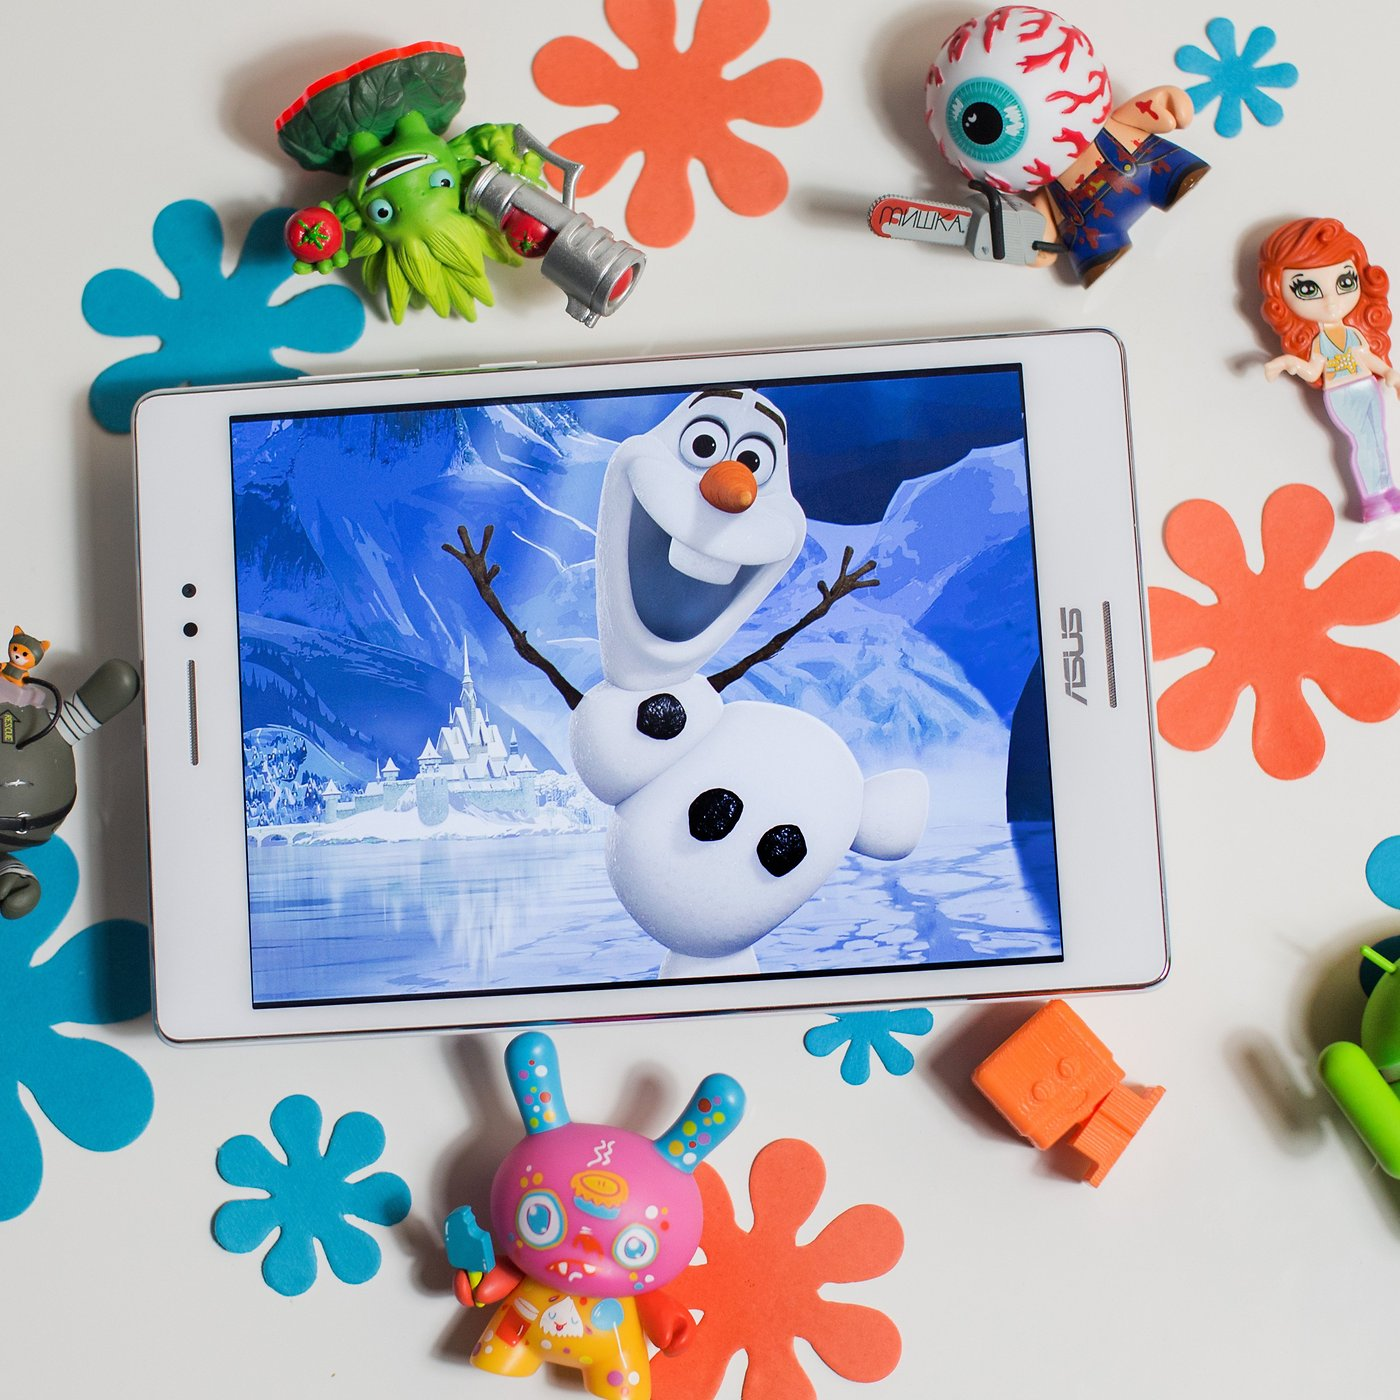 Las mejores aplicaciones educativas para niños   AndroidPIT